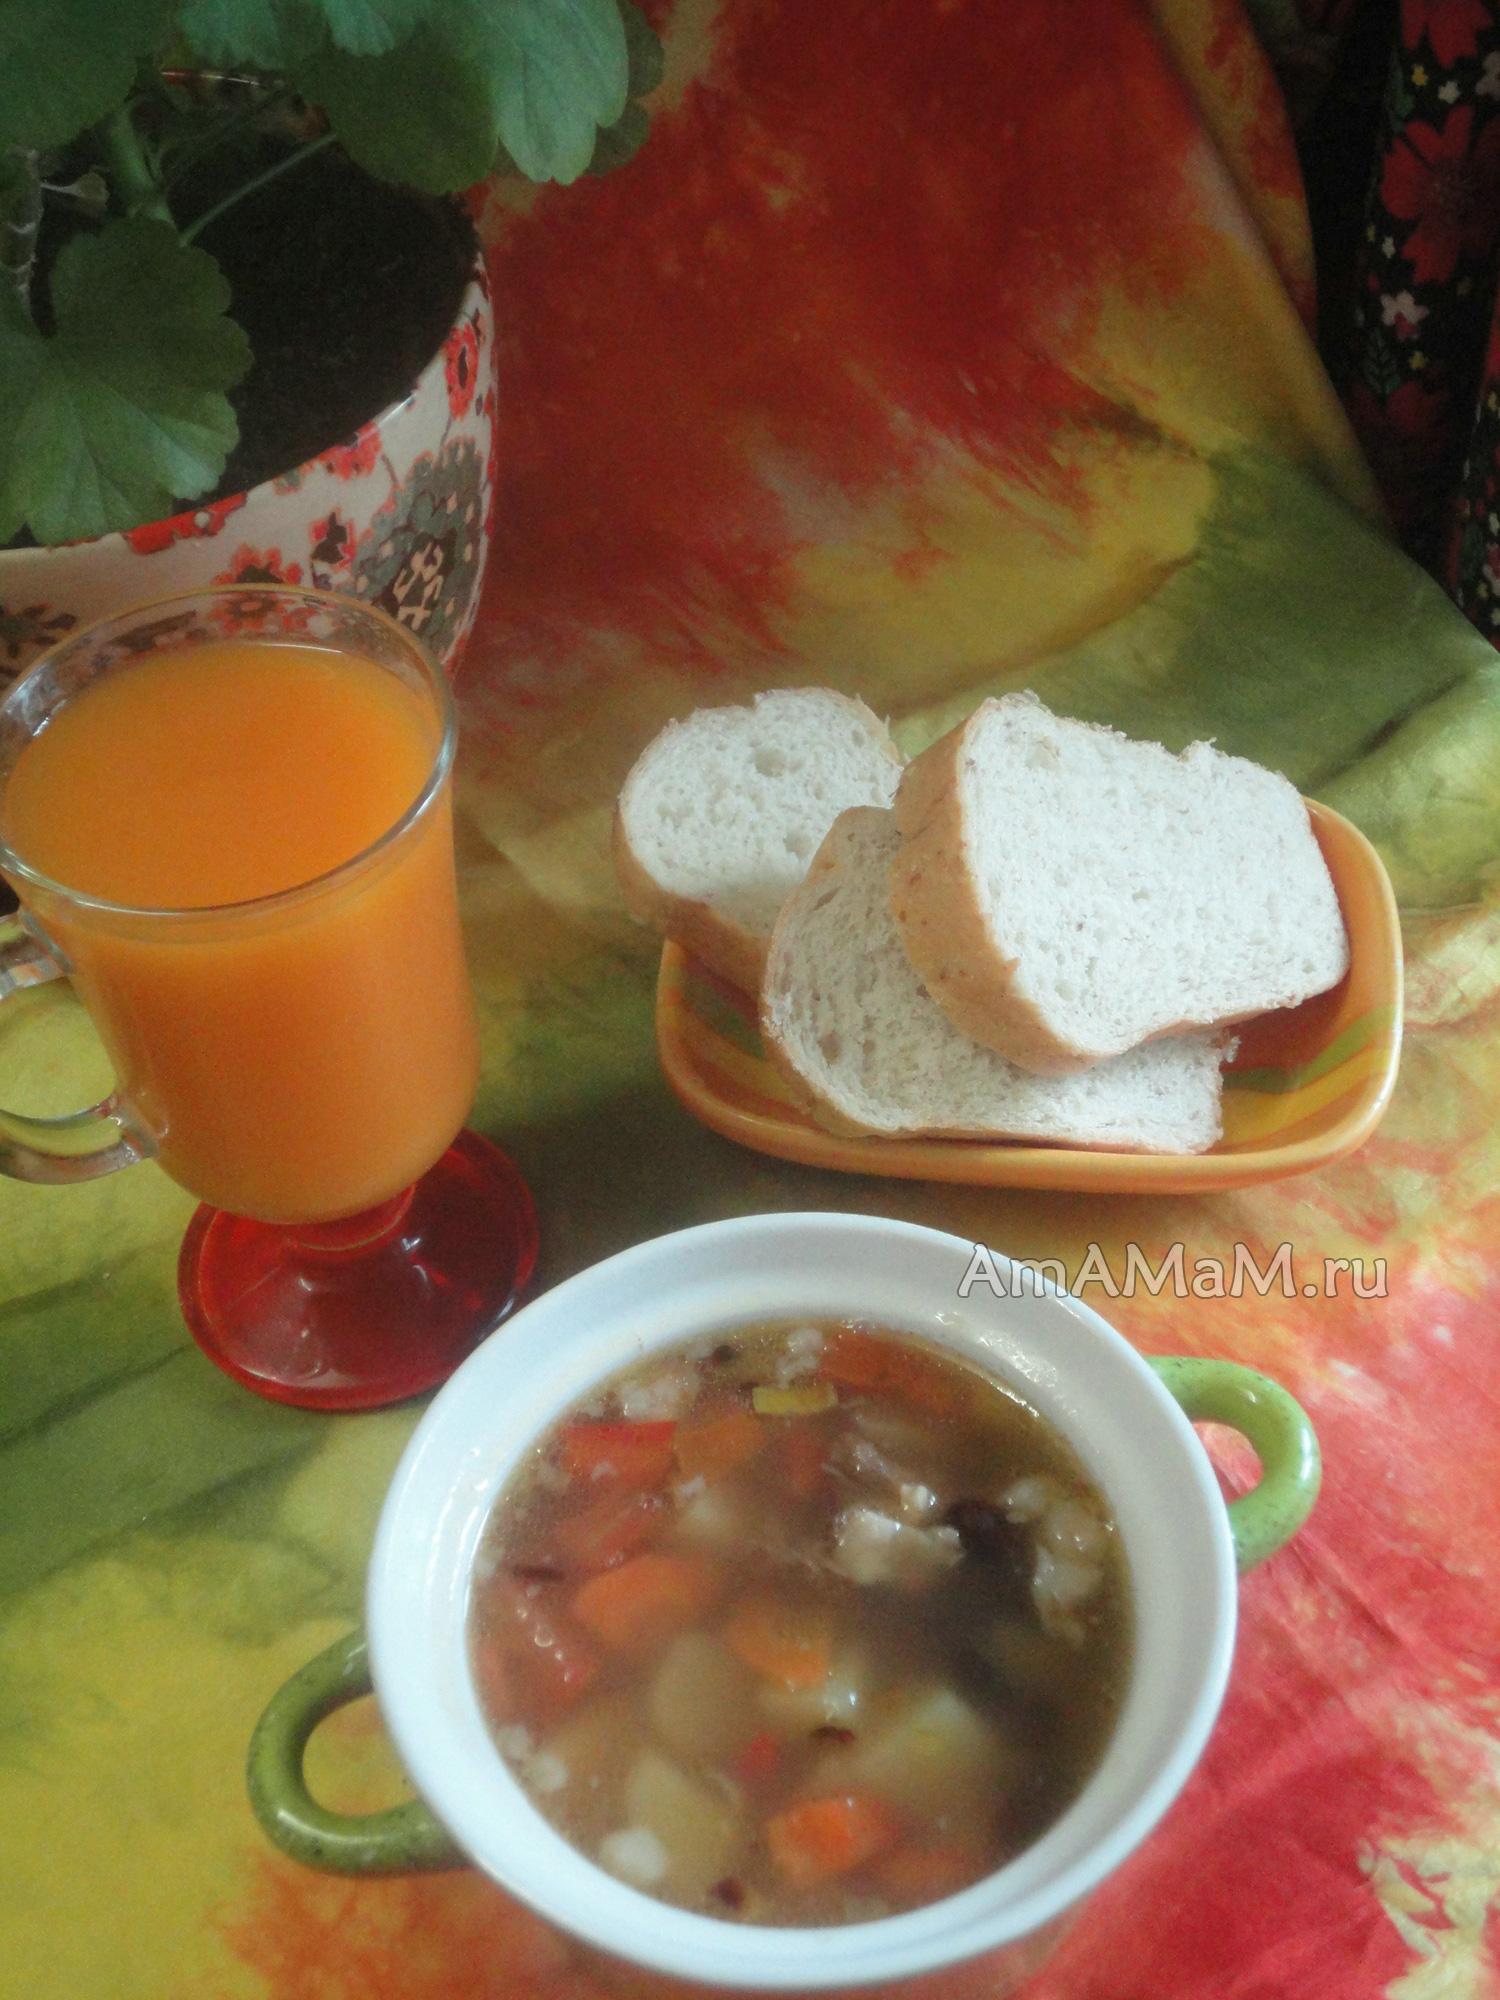 фасолевый суп с картофелем рецепт фото